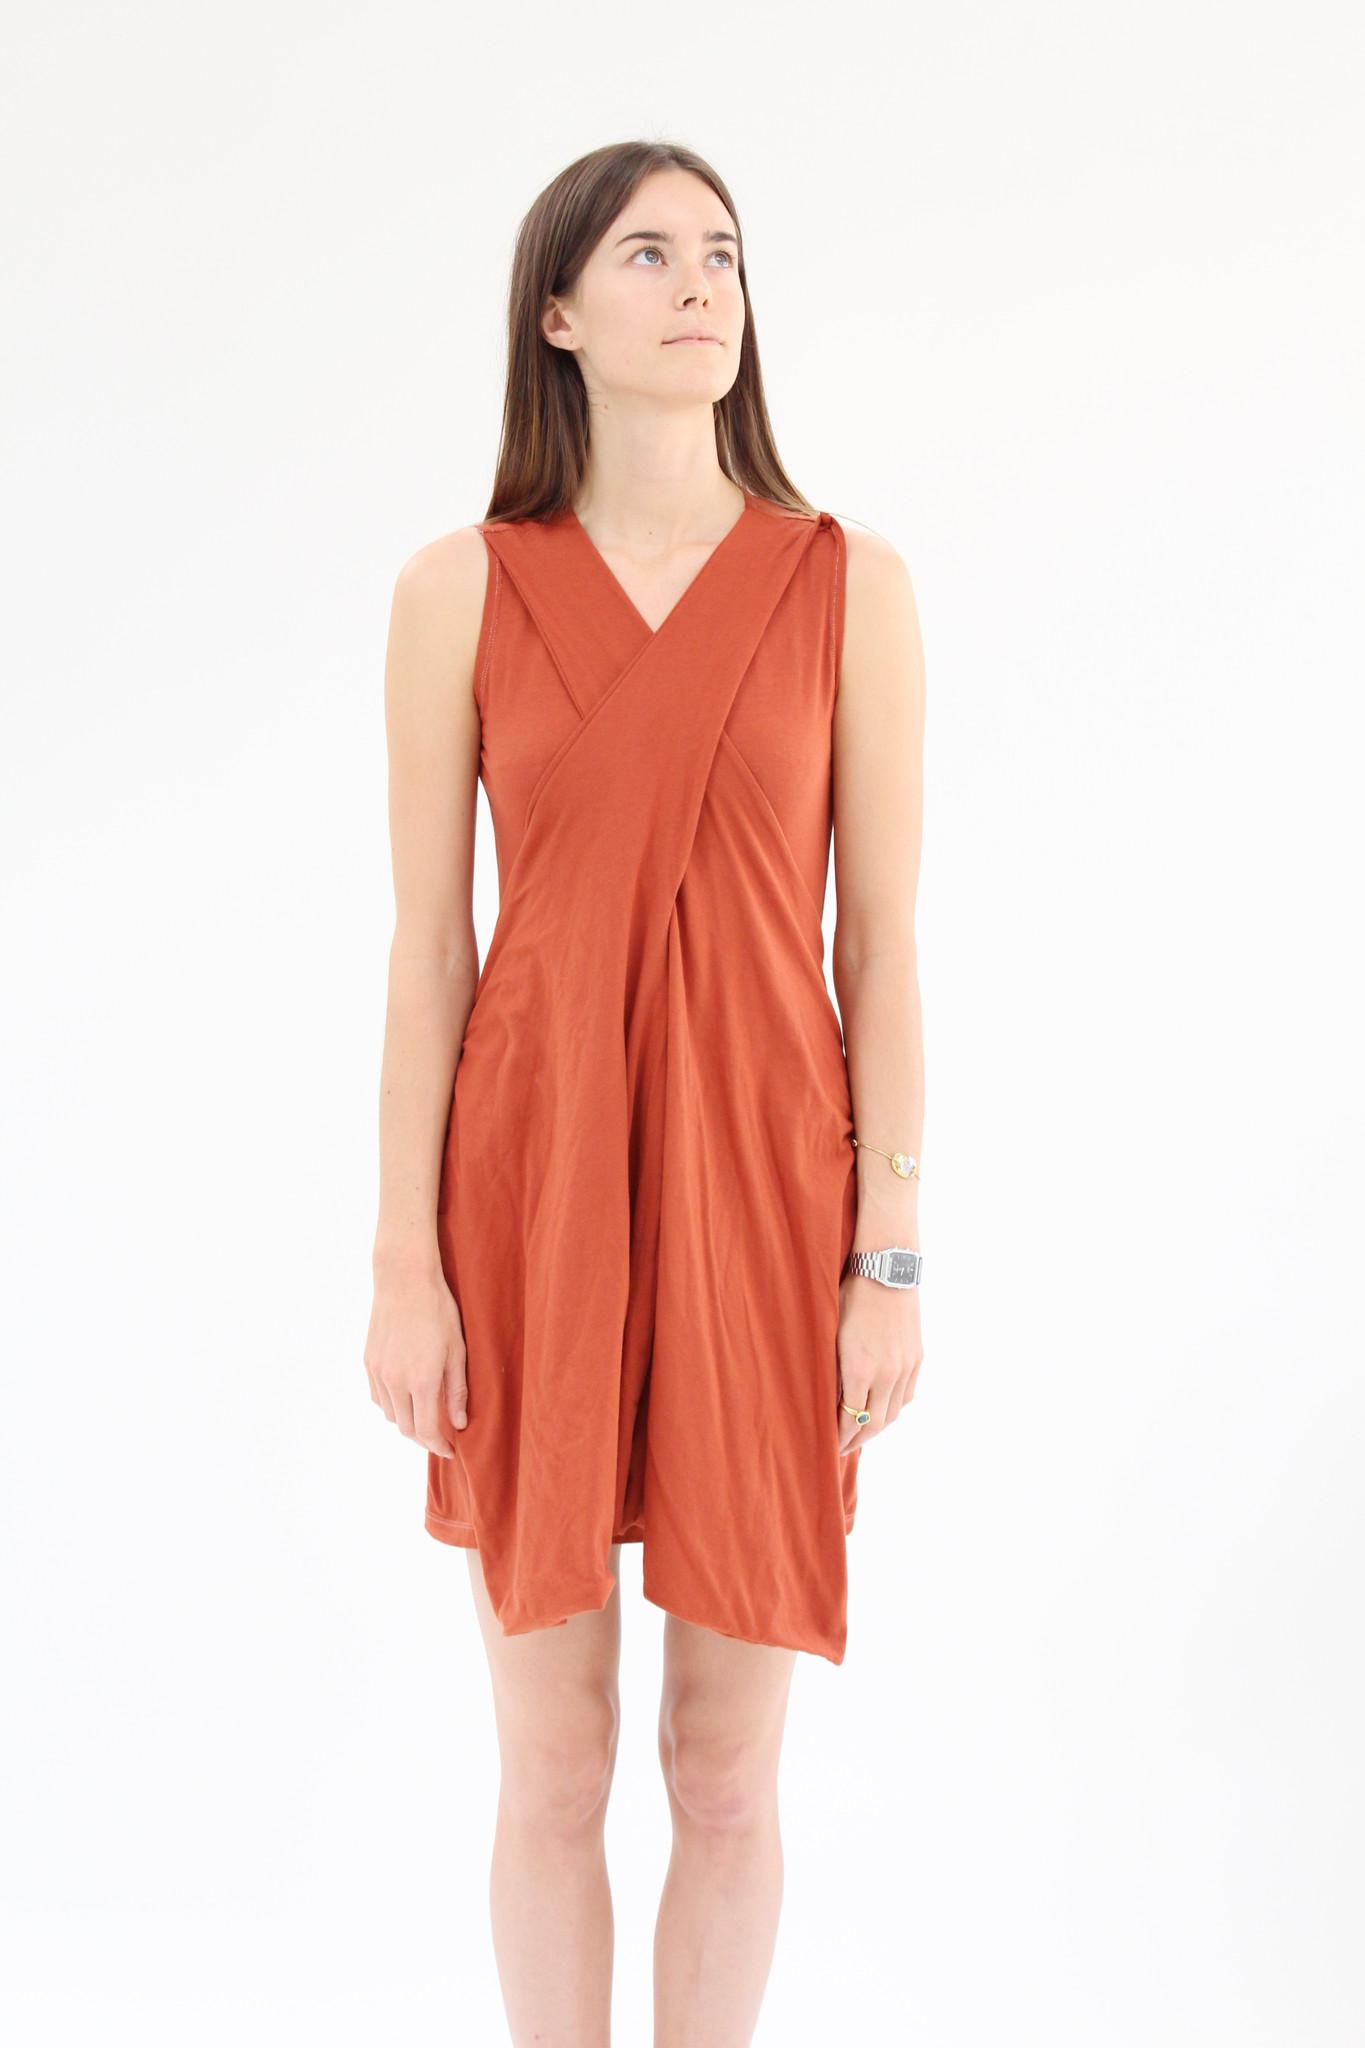 Beklina Criss Cross Jersey Wrap Dress Terra Cotta Garmentory